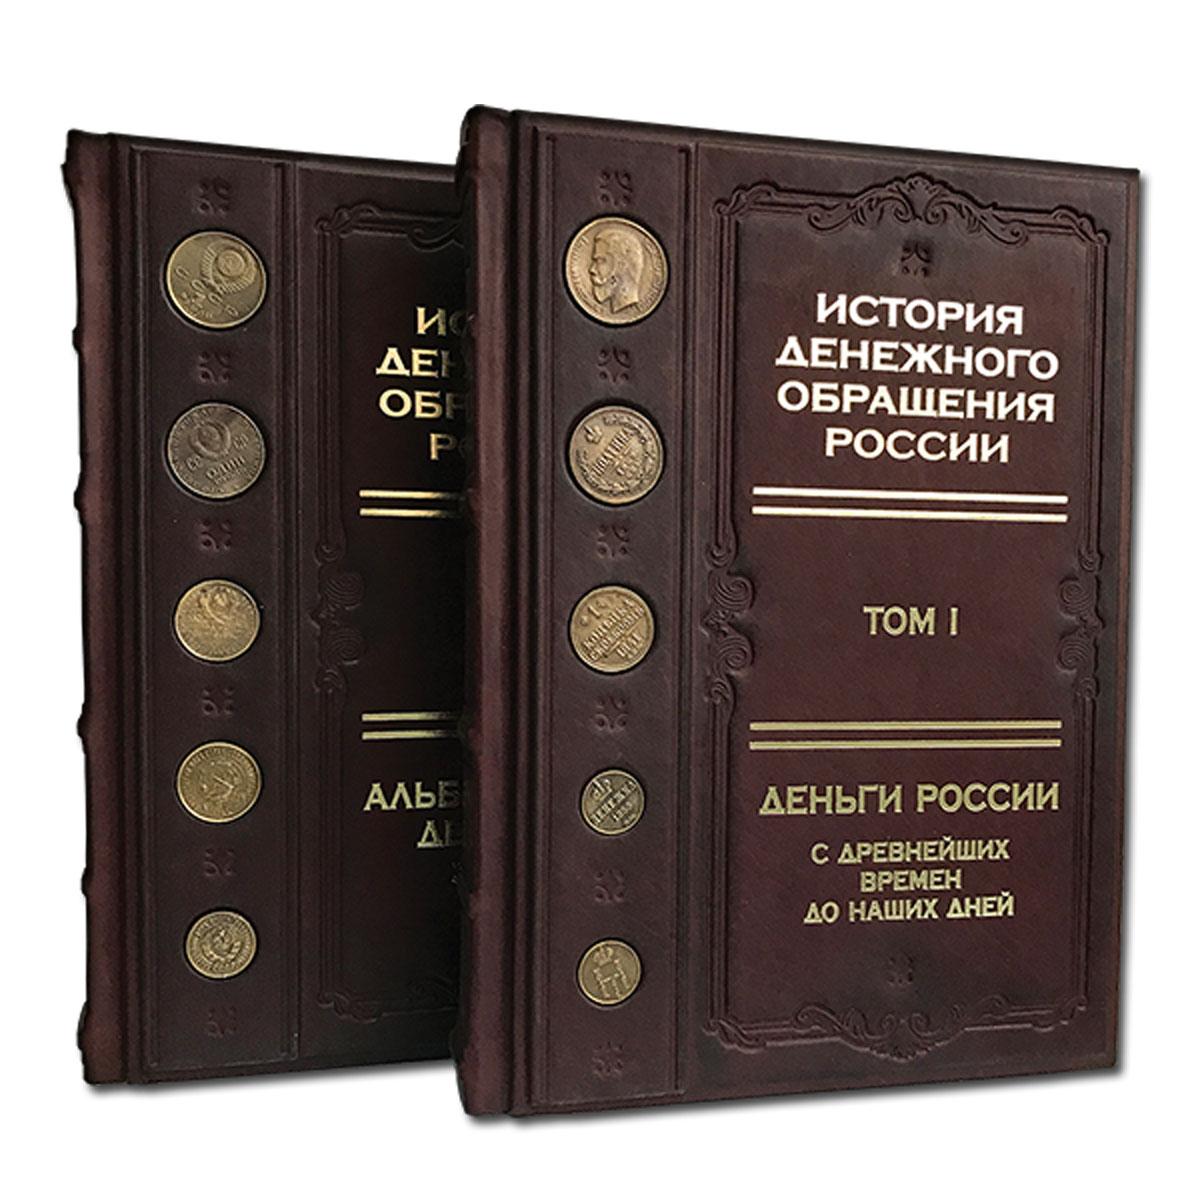 История денежного обращения России. В 2 томах (комплект)